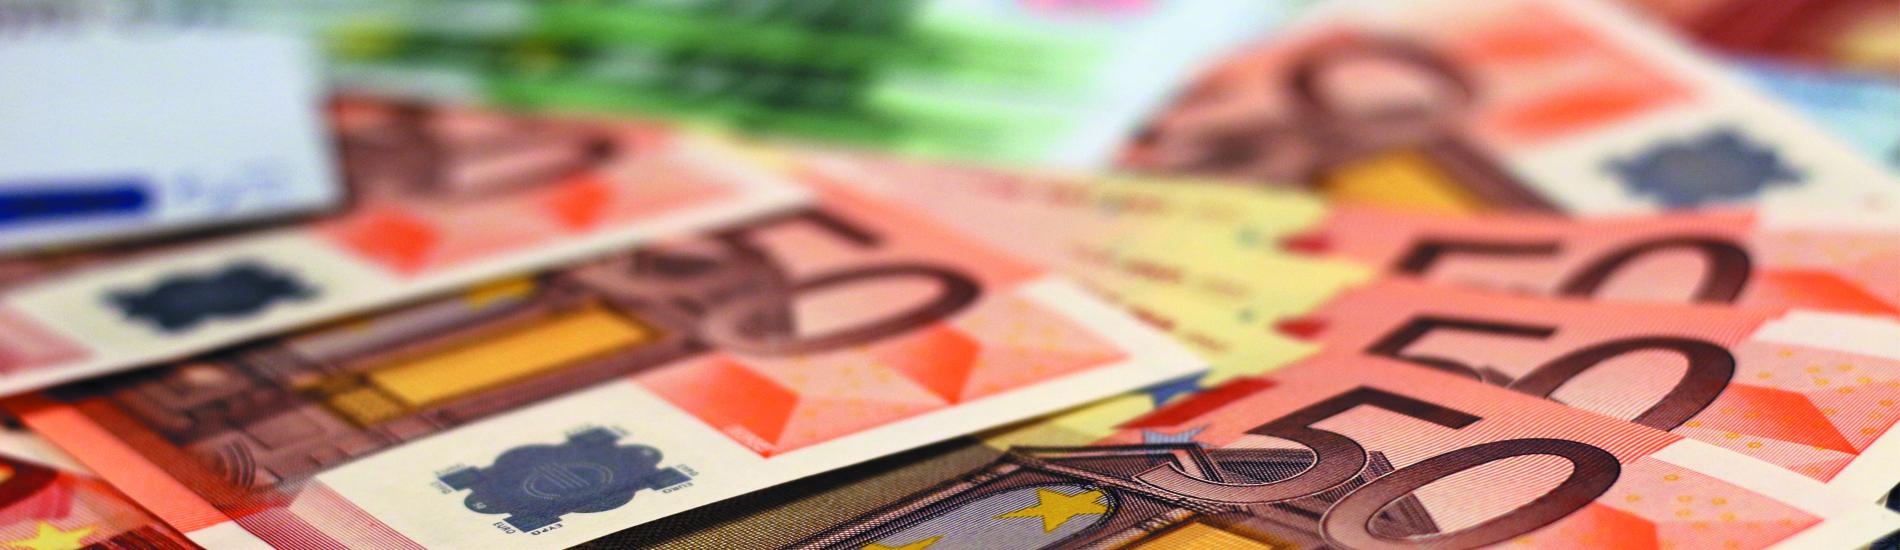 Długi w spadku – jak odrzucić zadłużony spadek?